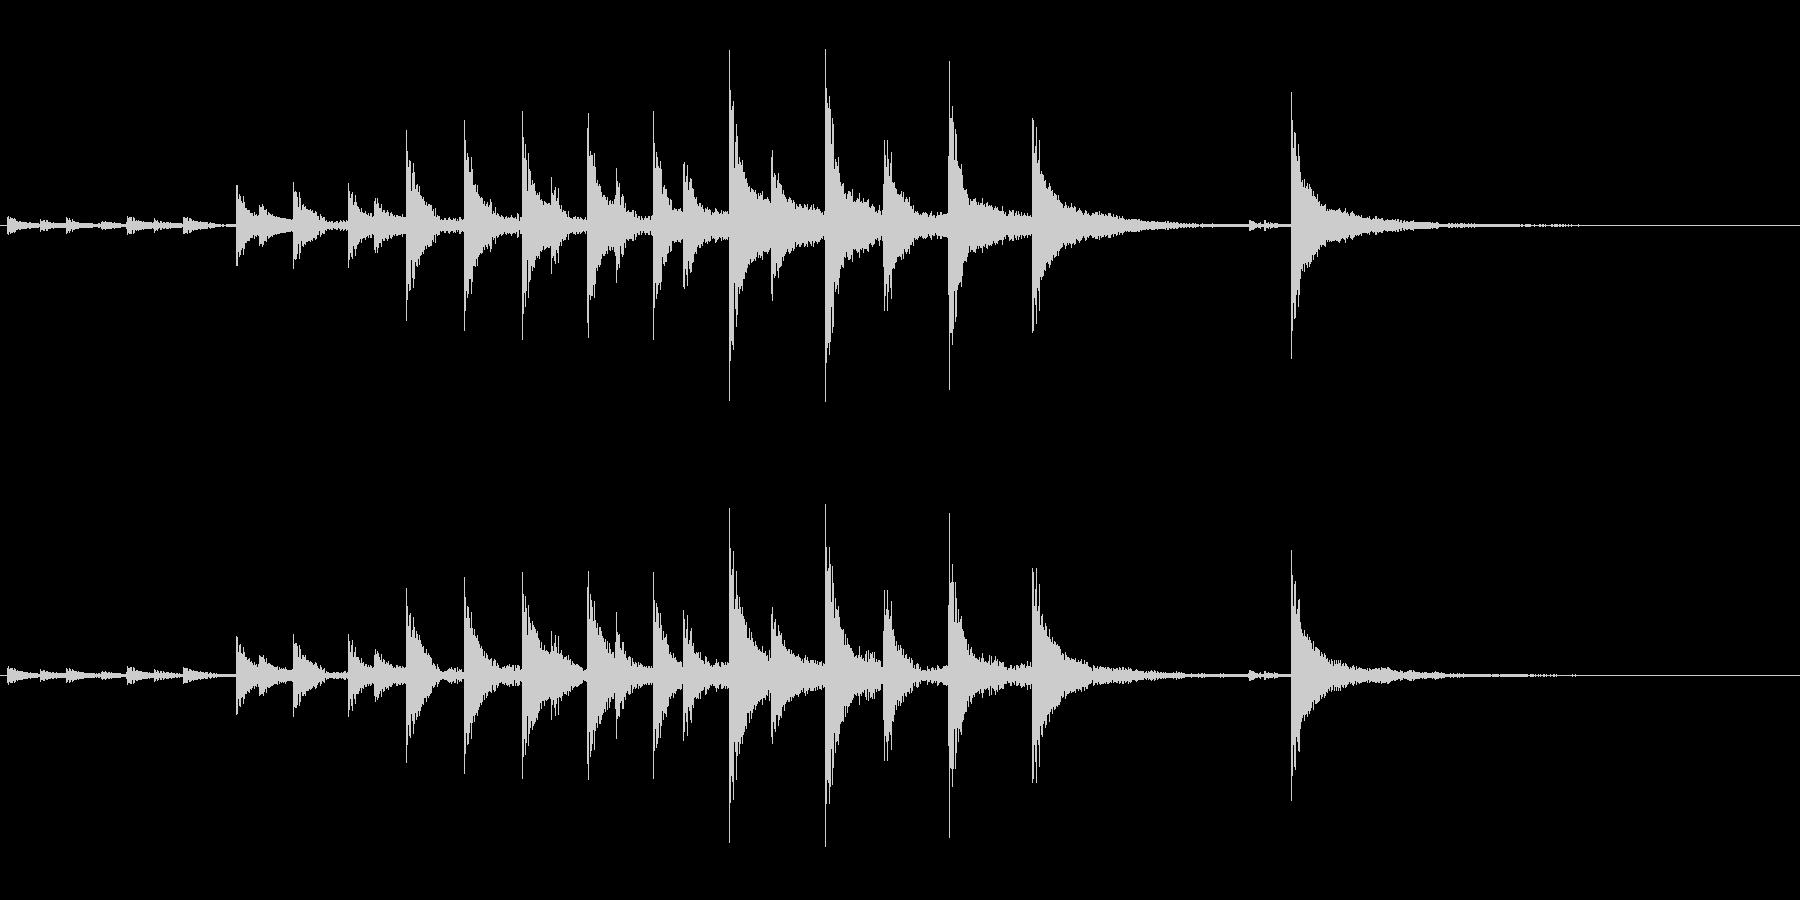 和太鼓の締太鼓のフレーズ音+FXの未再生の波形